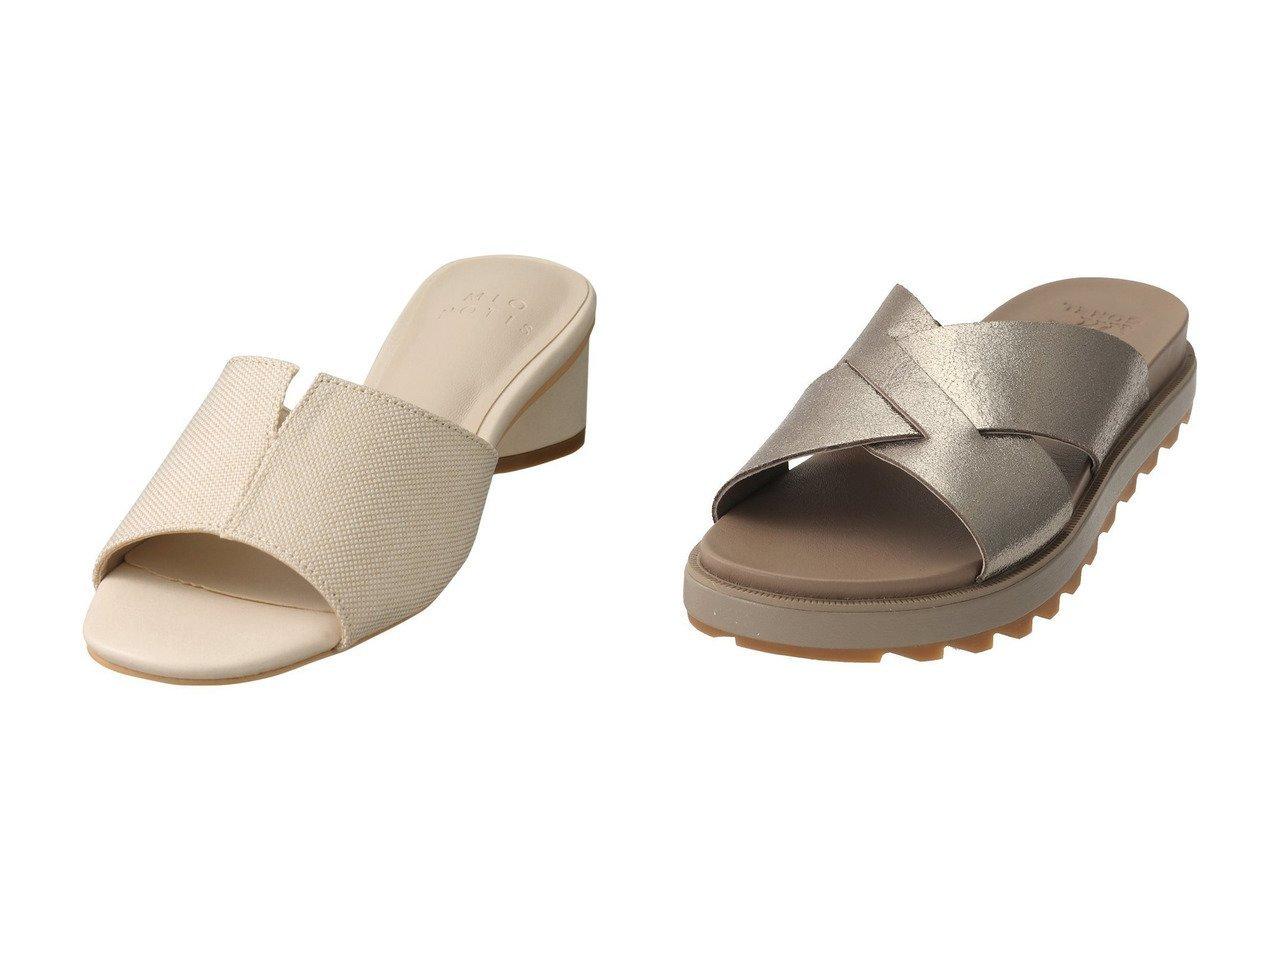 【Esmeralda/エスメラルダ】の【MIO NOTIS】シリンダーヒールミュール&【SOREL/ソレル】のローミングクリスクロススライド/サンダル 【シューズ・靴】おすすめ!人気、トレンド・レディースファッションの通販 おすすめで人気の流行・トレンド、ファッションの通販商品 インテリア・家具・メンズファッション・キッズファッション・レディースファッション・服の通販 founy(ファニー) https://founy.com/ ファッション Fashion レディースファッション WOMEN サンダル スリット ミュール インソール シンプル 夏 Summer 定番 Standard  ID:crp329100000048140